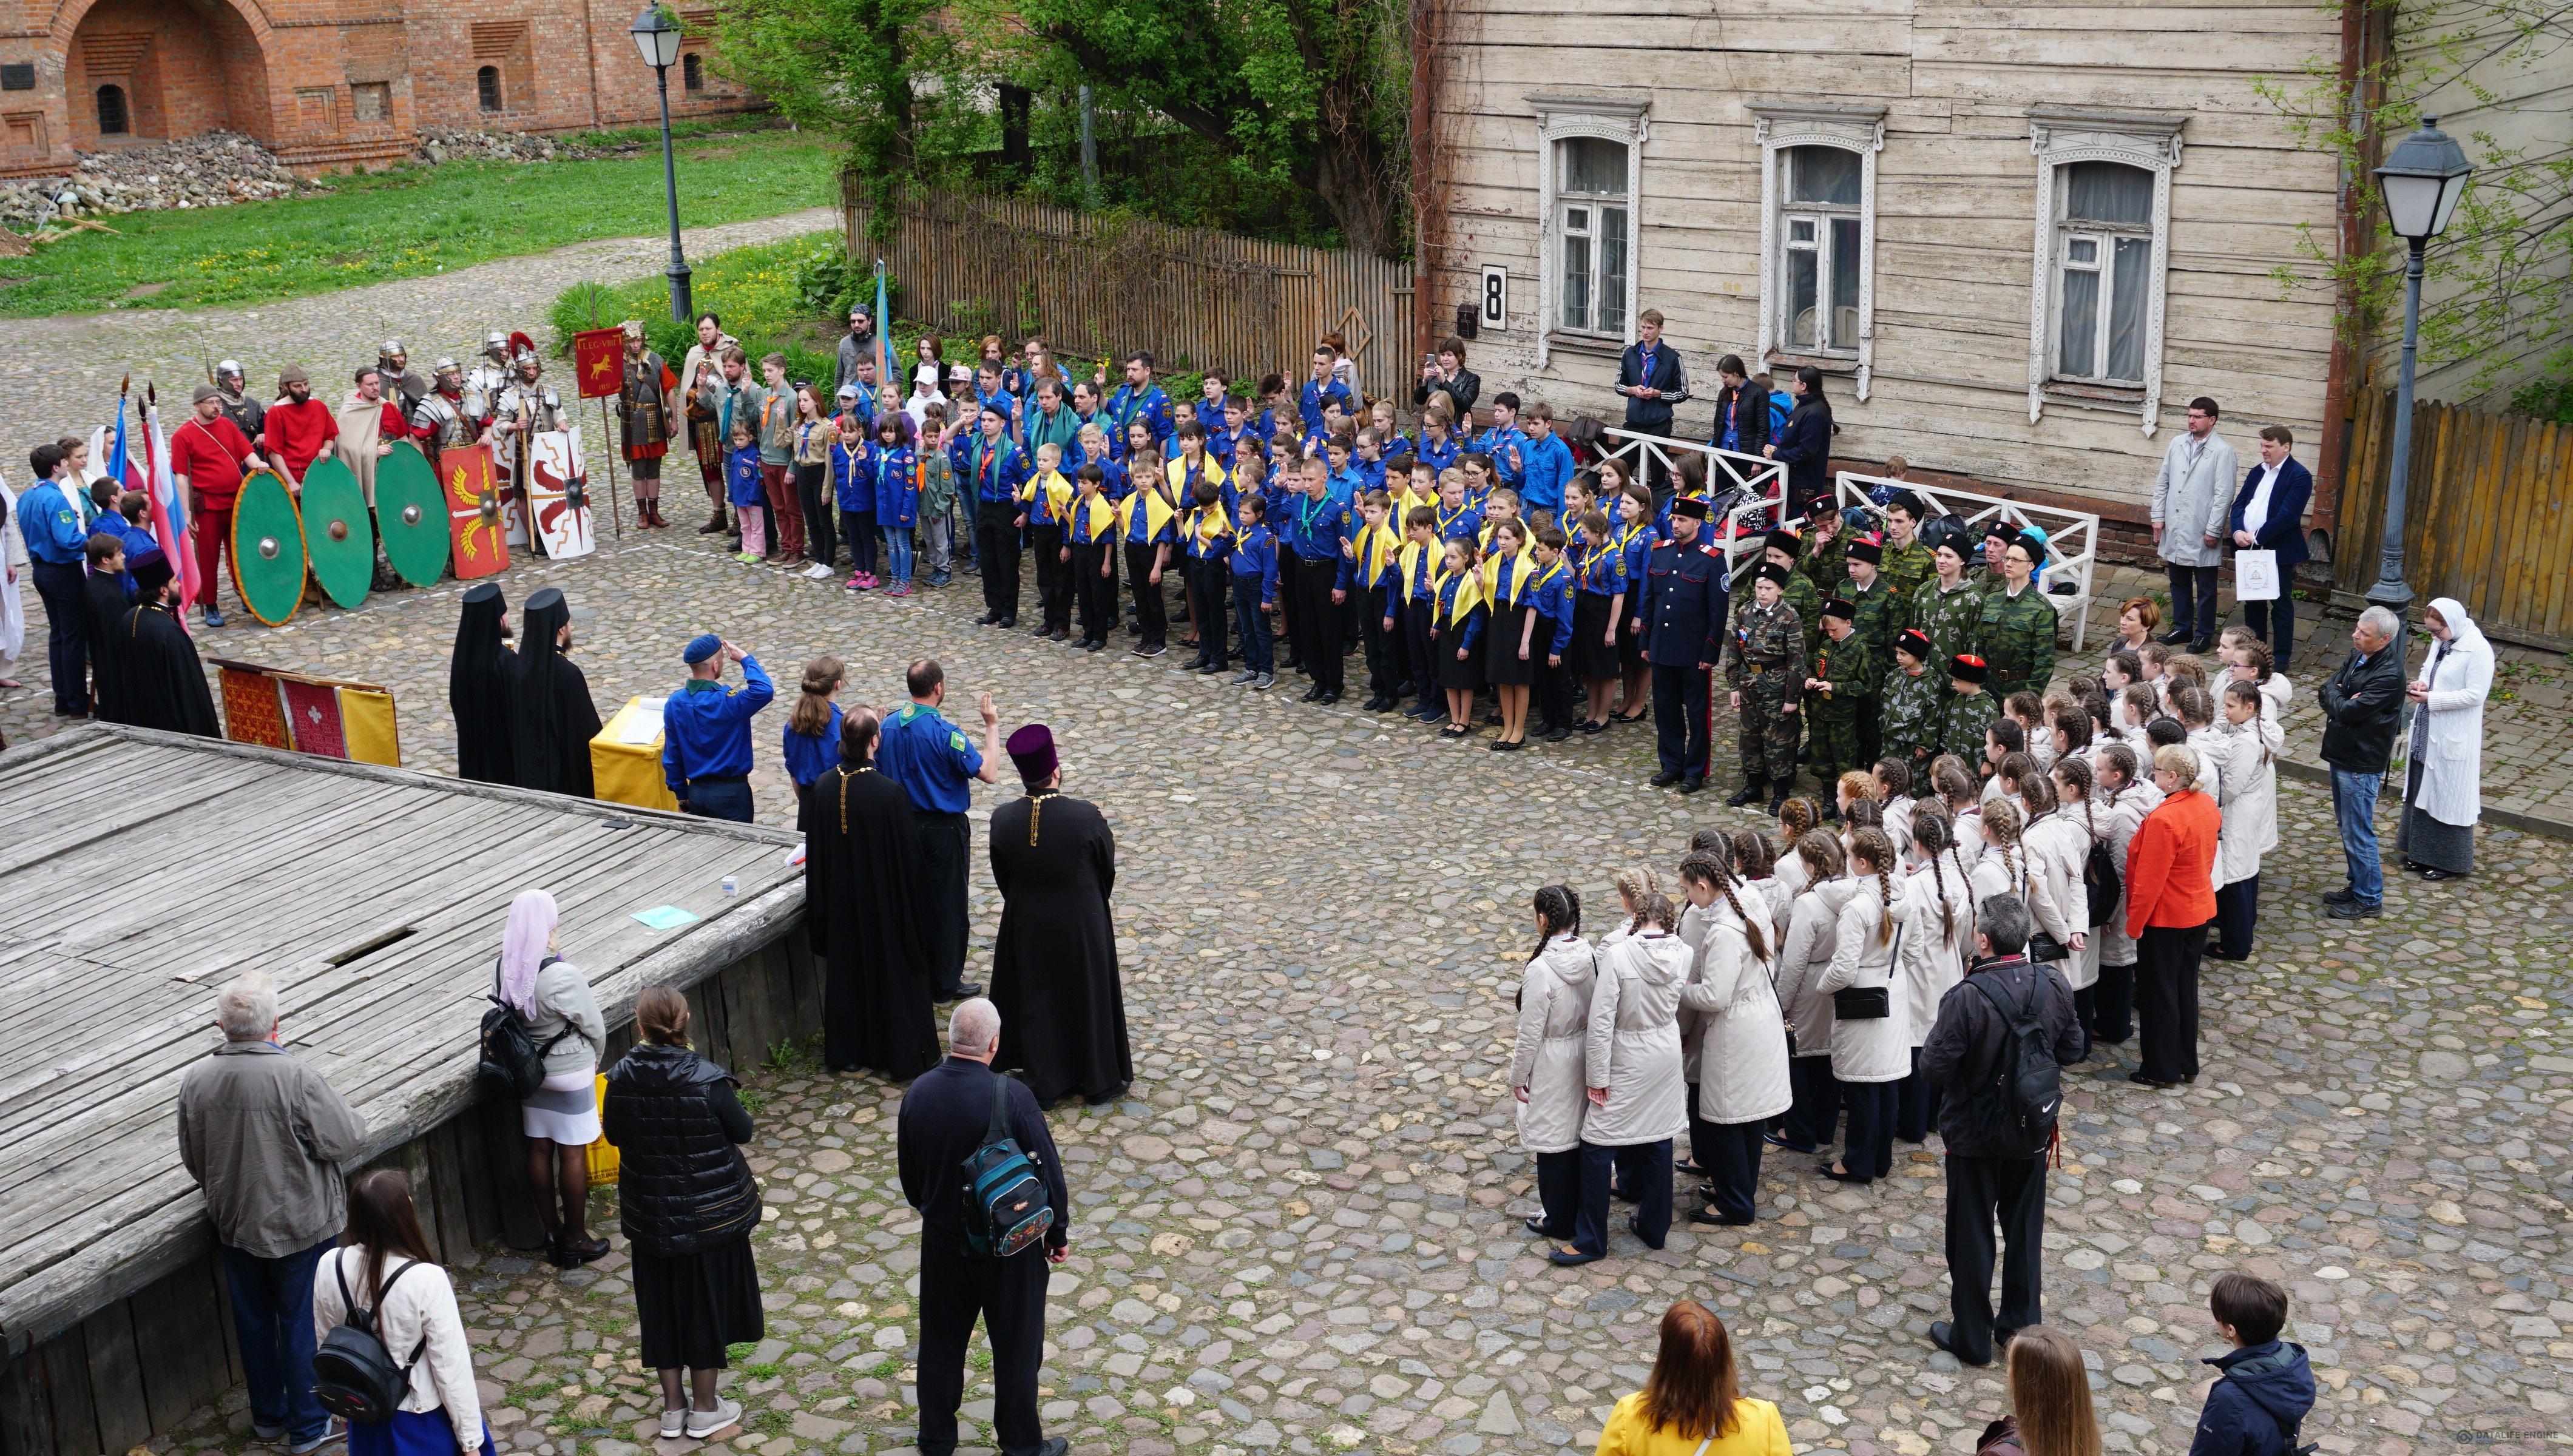 На Крутицком подворье в Москве состоялся Георгиевский парад